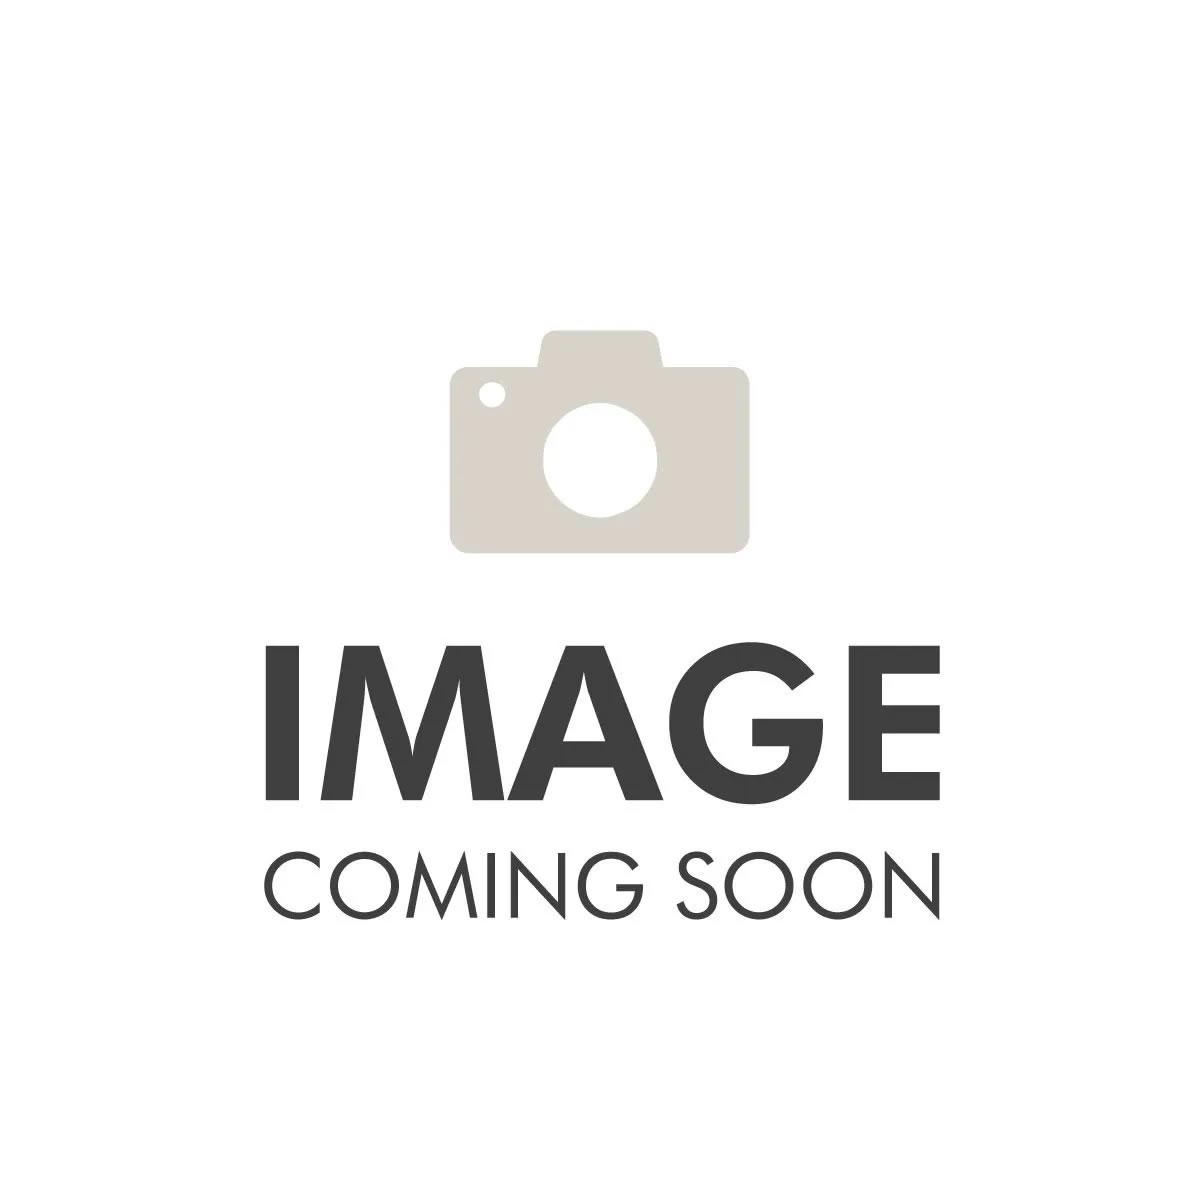 Tail Light Covers, Chrome, 07-18 Wrangler JK